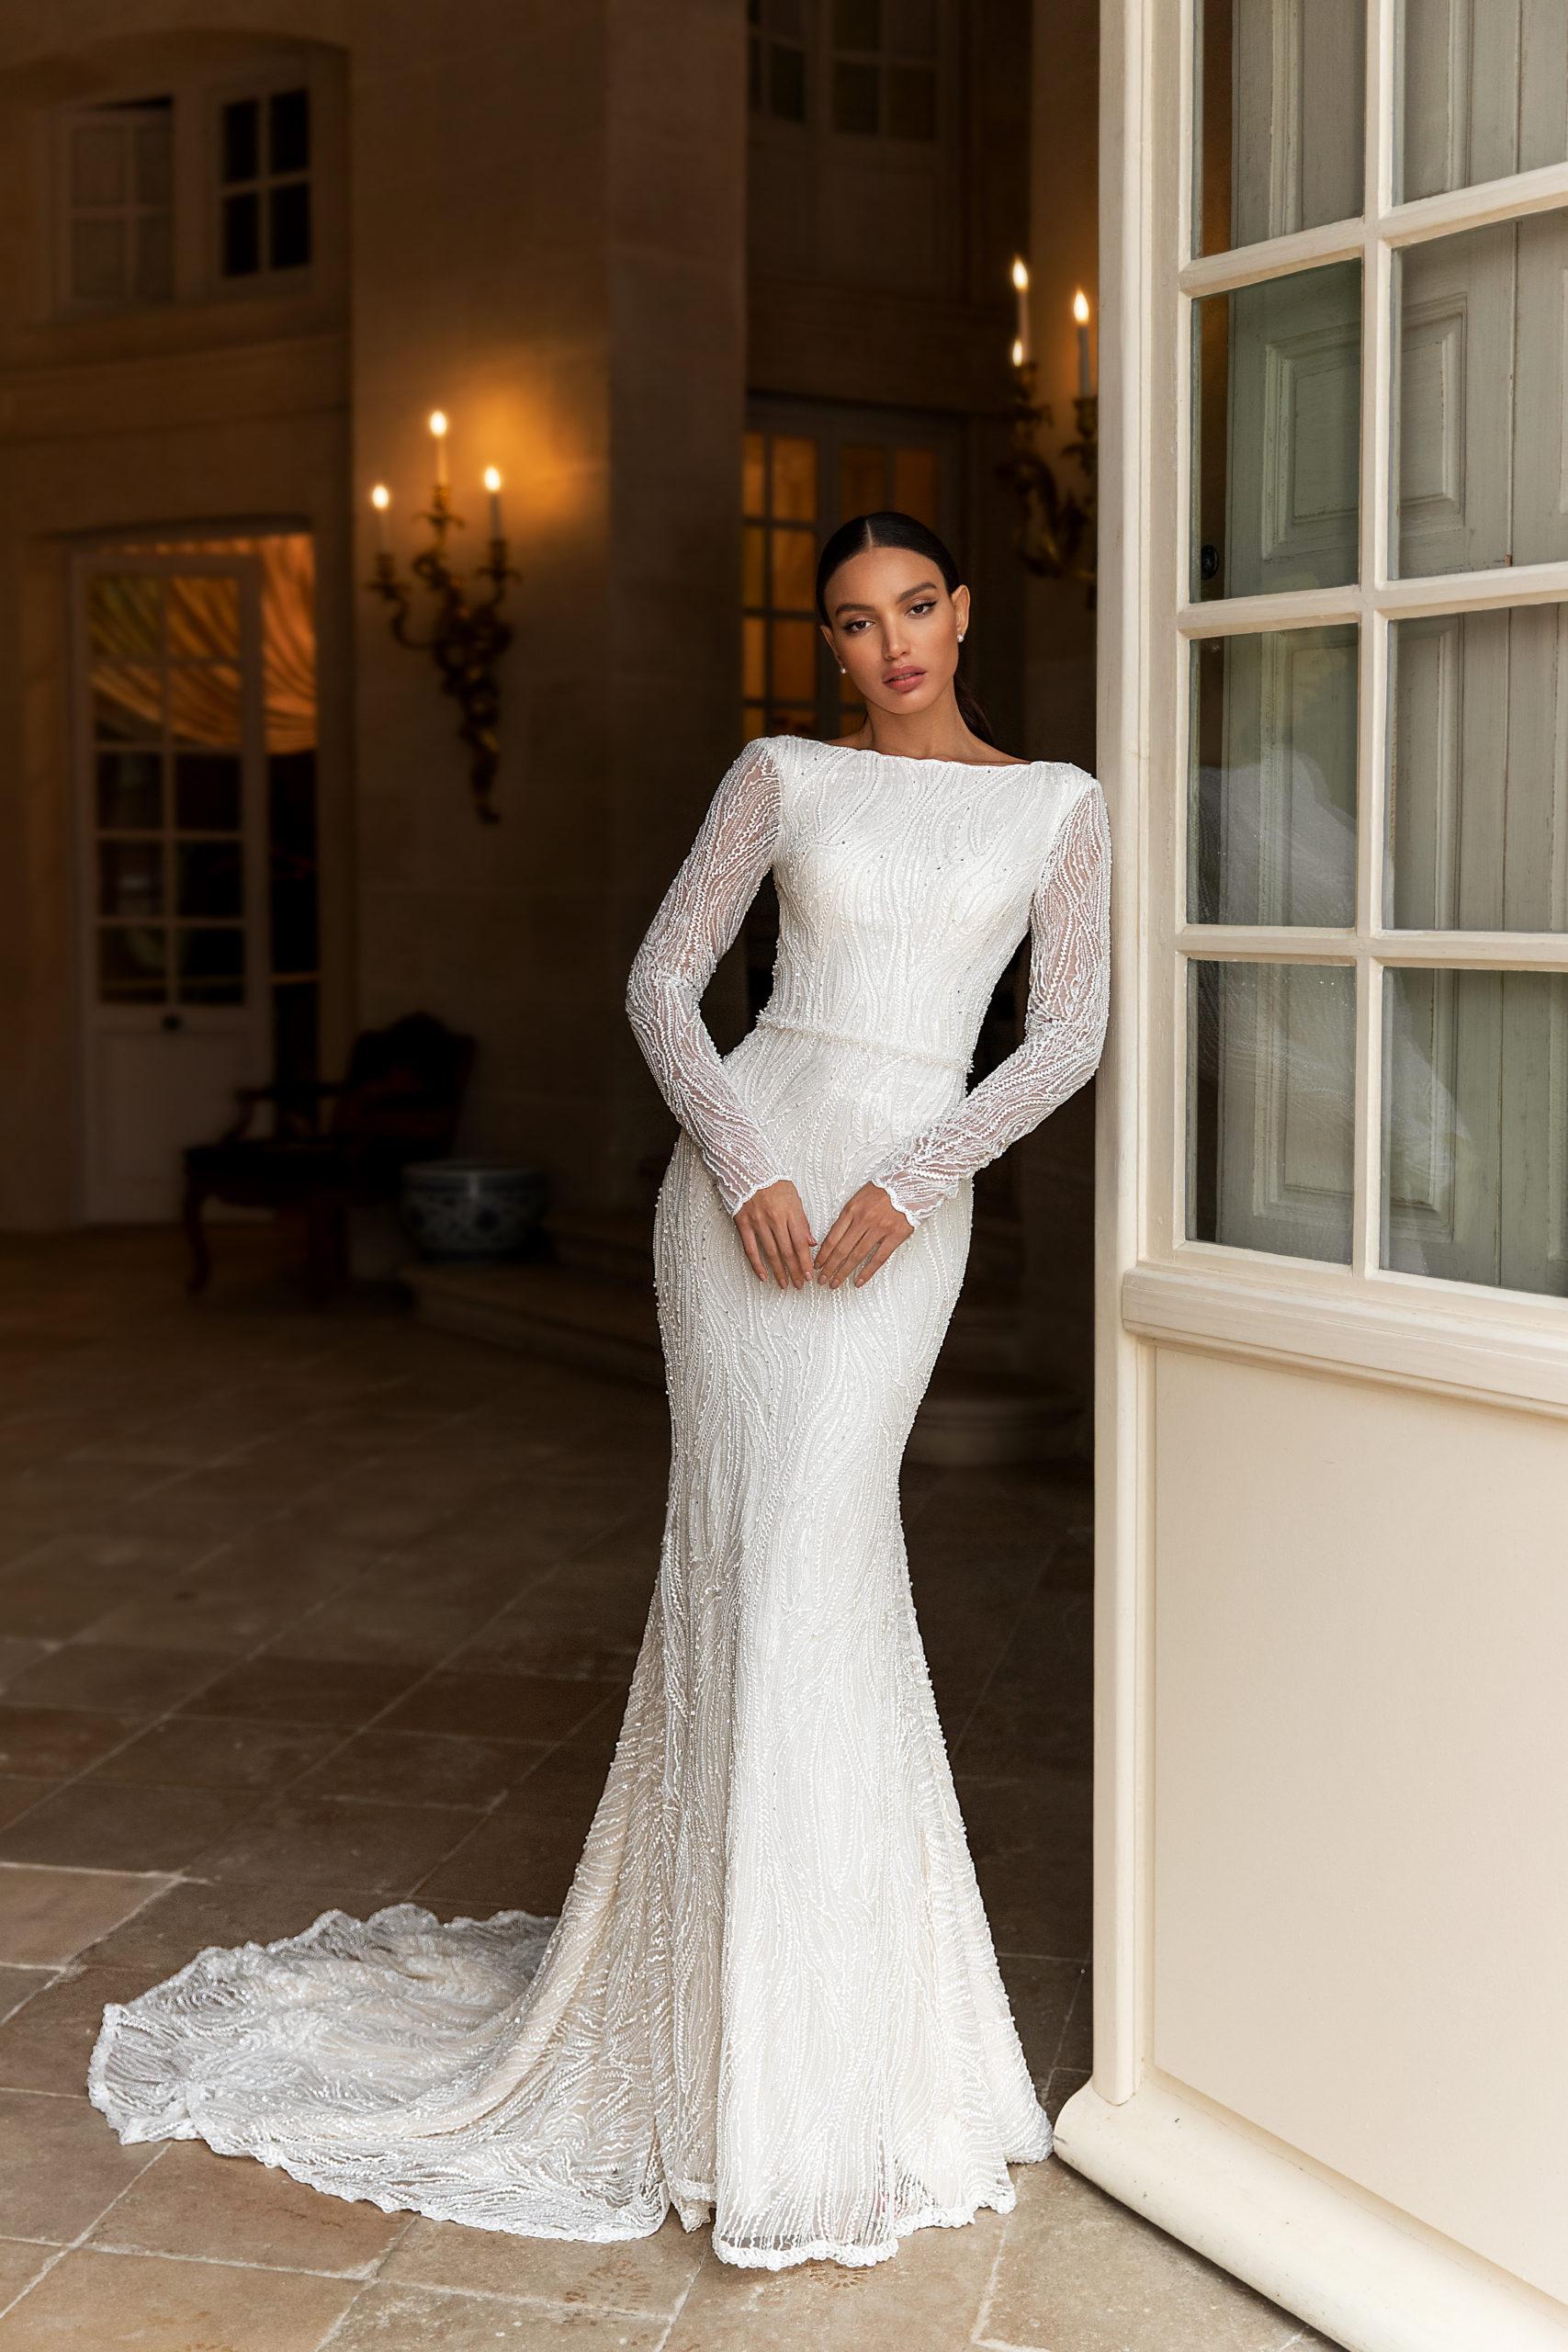 robe de mariée genève luxe robe blanche perles broderie haute couture mariage suisse romande centre-ville traine thefdressgeneva tulle mariée